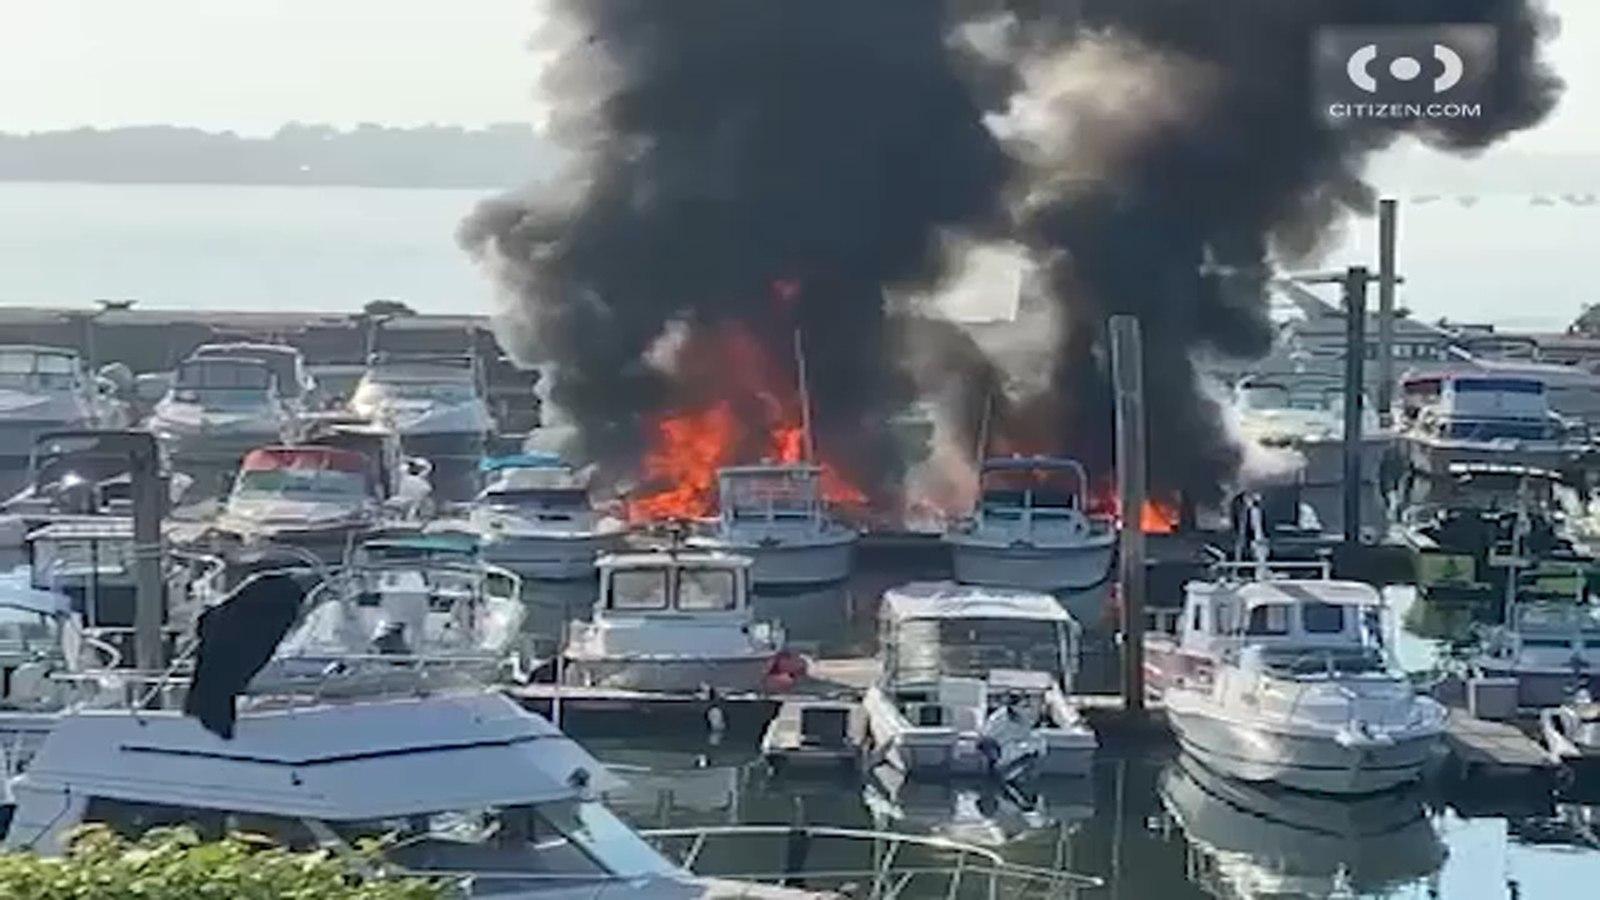 آتش سوزی در بندر برانکس نیویورک در آمریکا